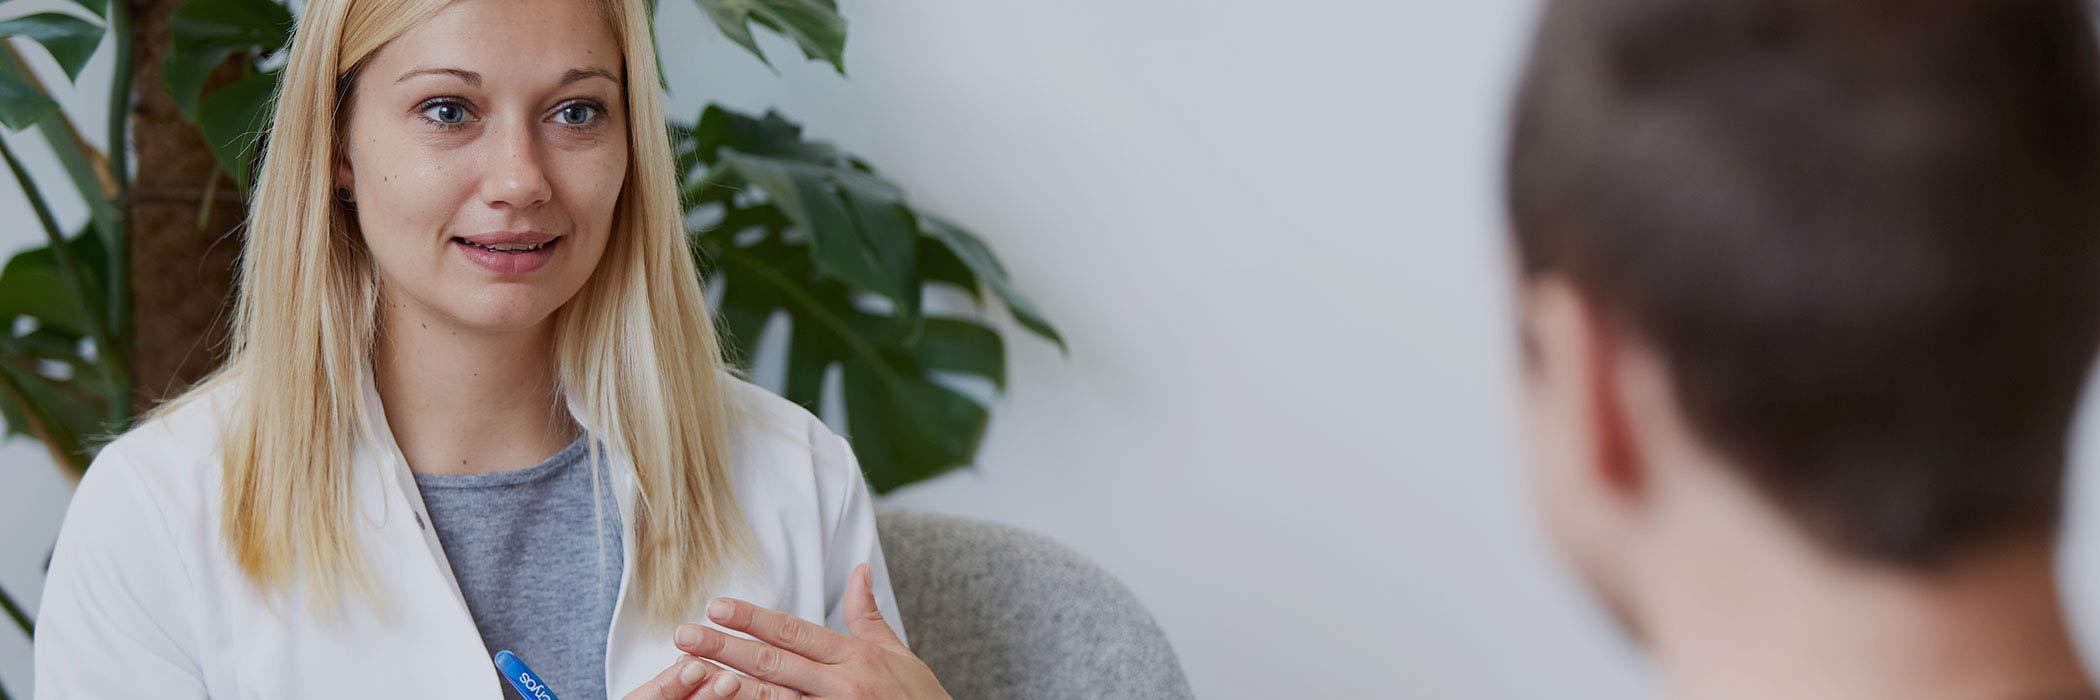 最高品質の精子ストローを保証するCryosのドナー選考方法について説明する看護師